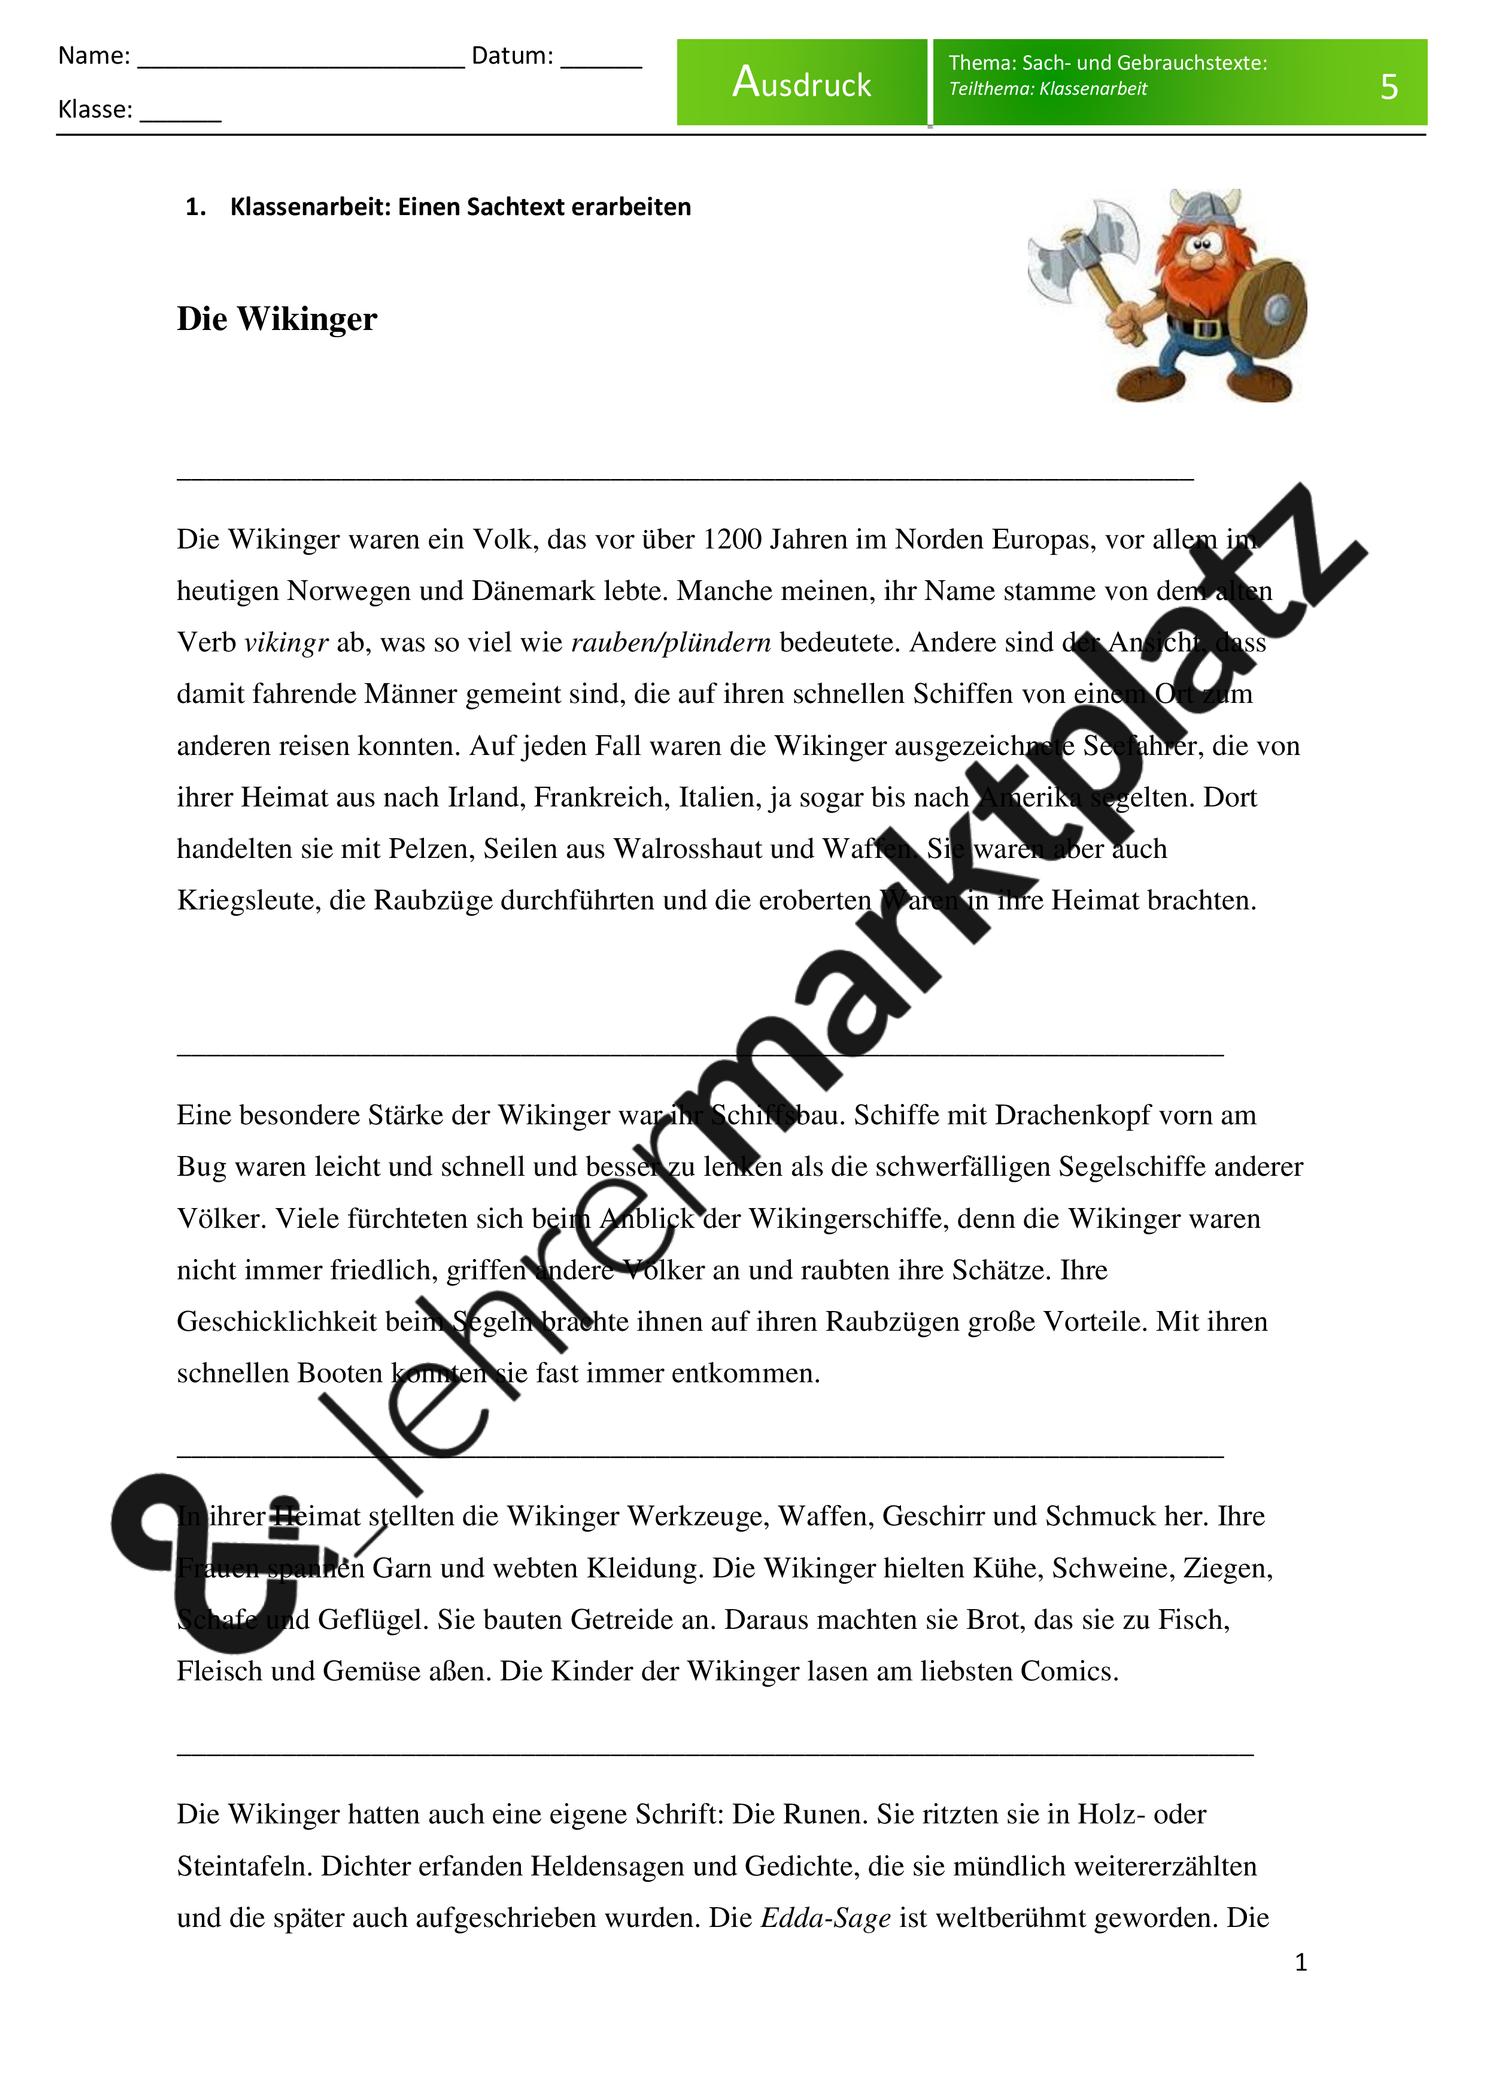 Sachtexte Klassenarbeit Die Wikinger Mit Differenzierung Und Losungen Unterrichtsmaterial Im Fach Deutsch Klassenarbeiten Erste Klasse Arbeit